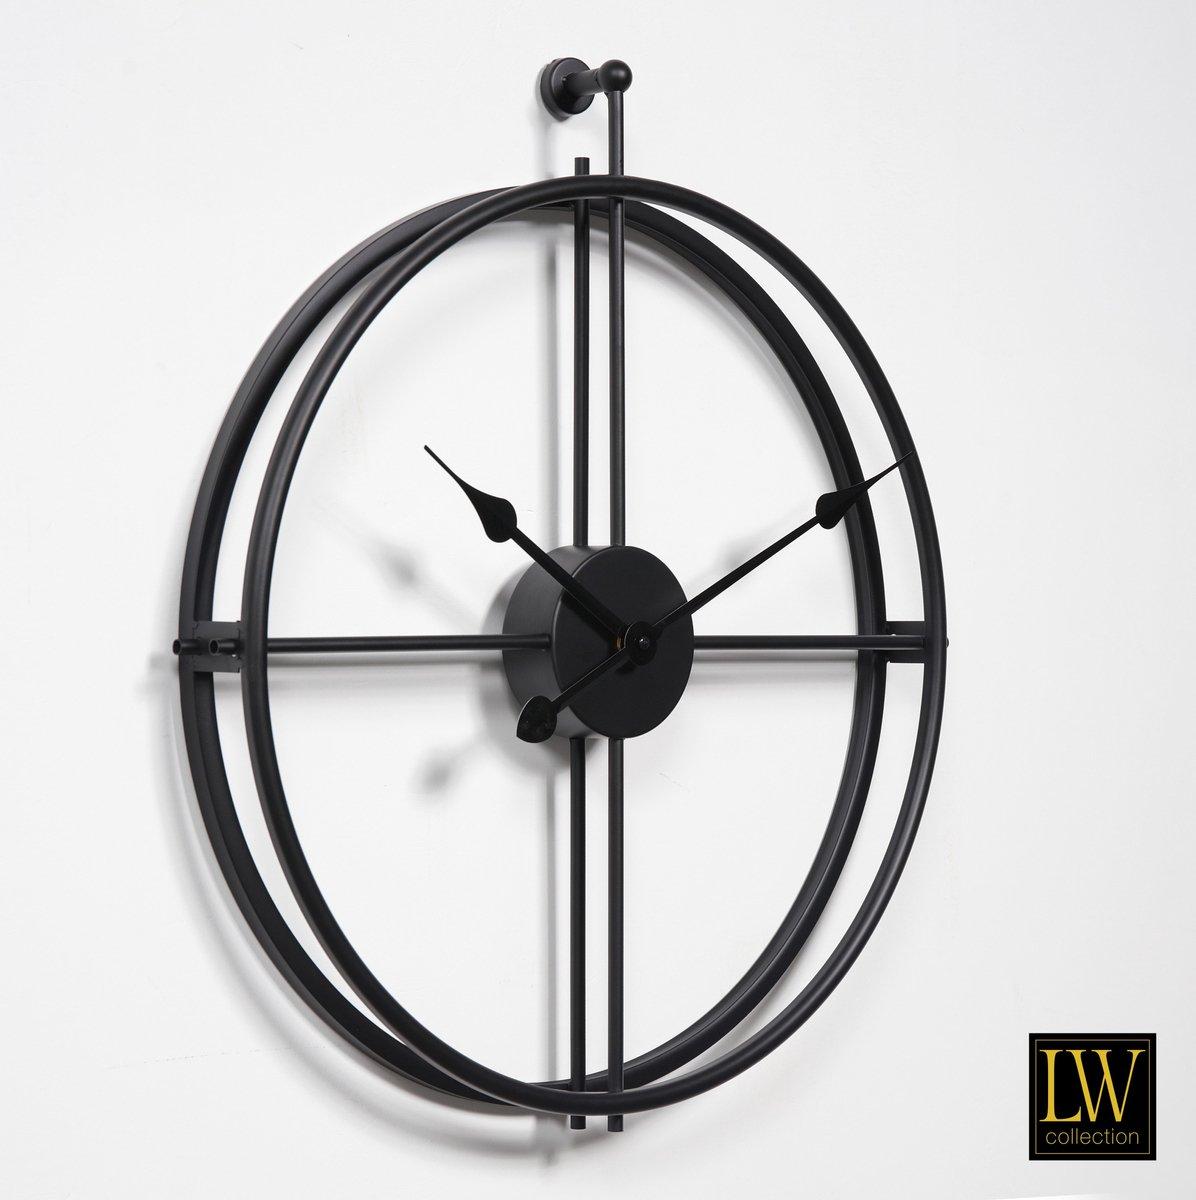 LW Collection Moderne Zwarte Klok / Muurklok Zwart / Wandklok Zwart Metaal zonder cijfers of letters